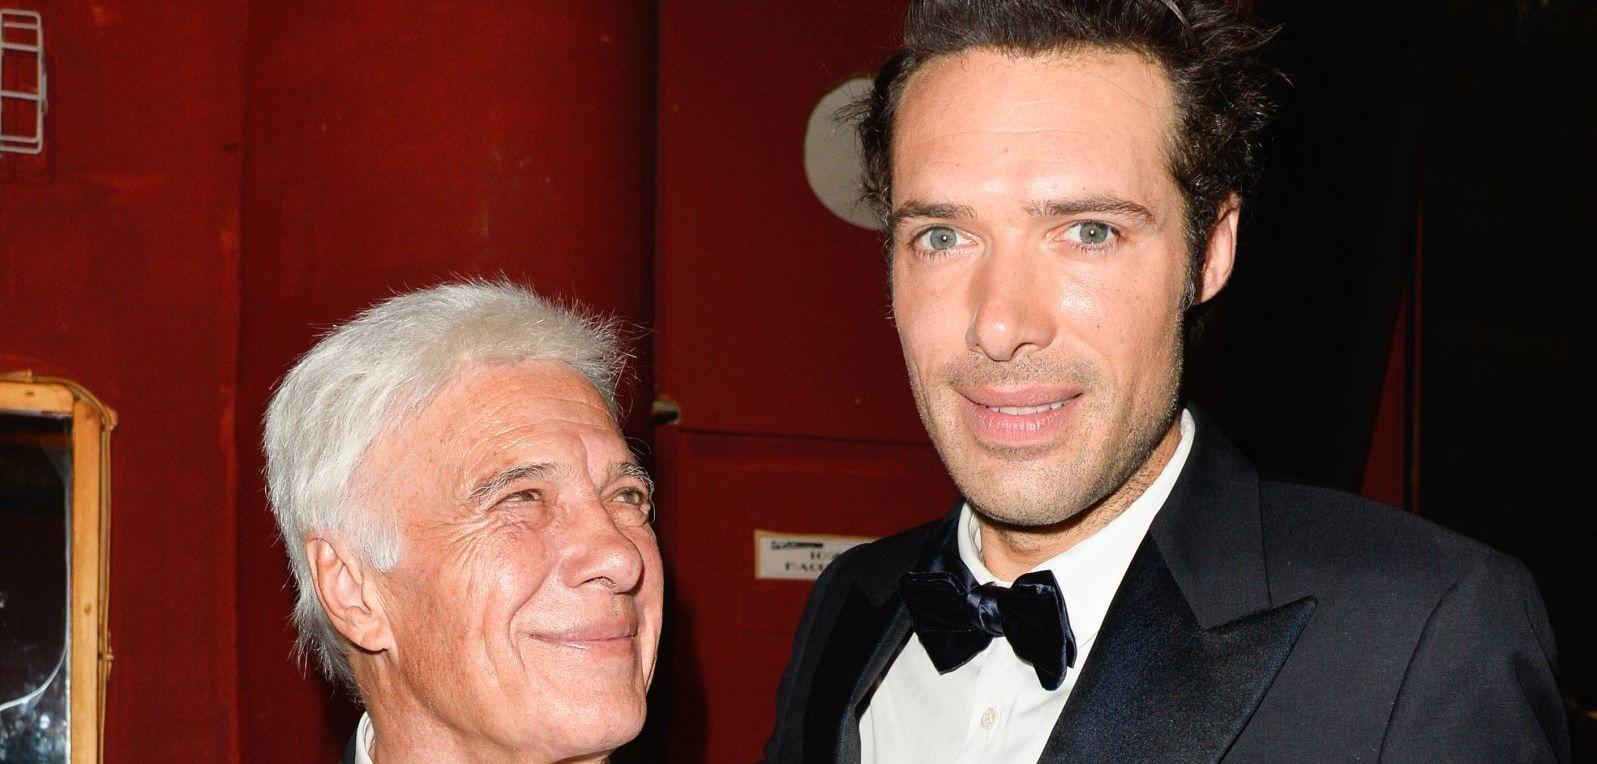 Nicolas Bedos confidences sur son père Guy Bedos